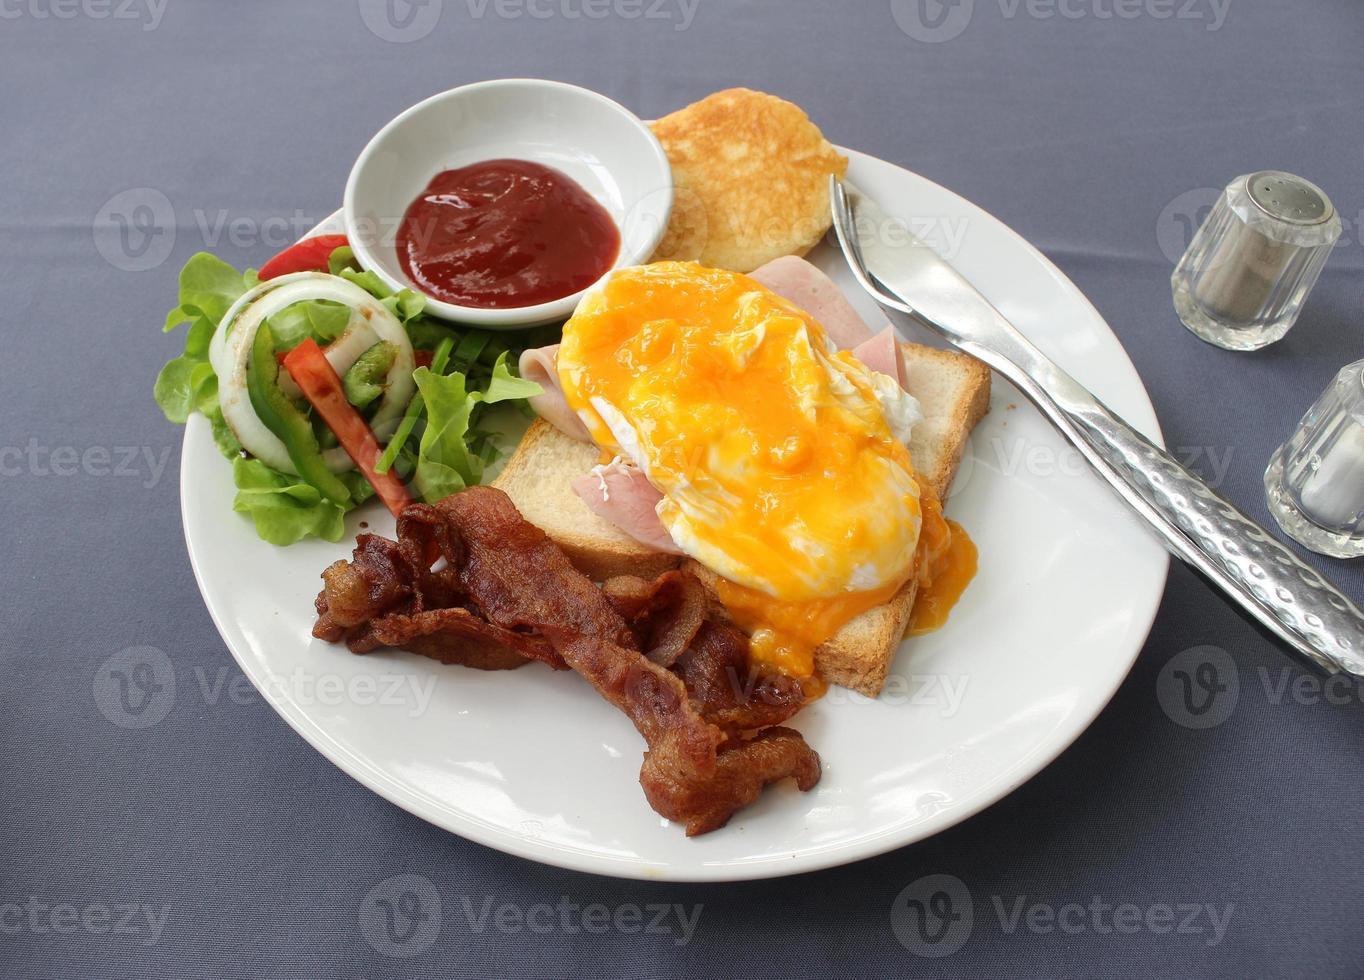 desayuno inglés en un plato foto